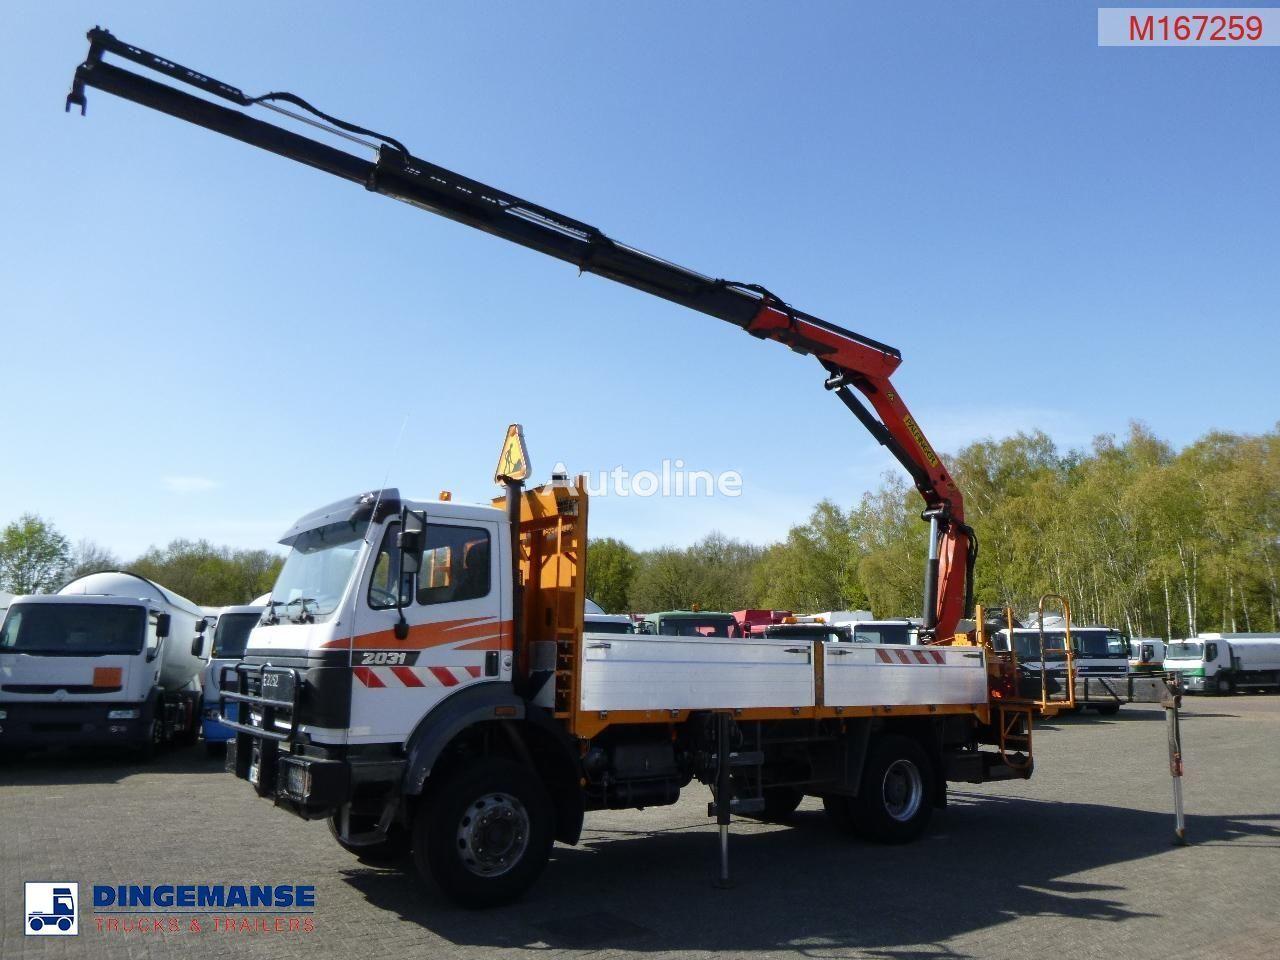 MERCEDES-BENZ SK 2031 4X2 + Palfinger PK13000 flatbed truck